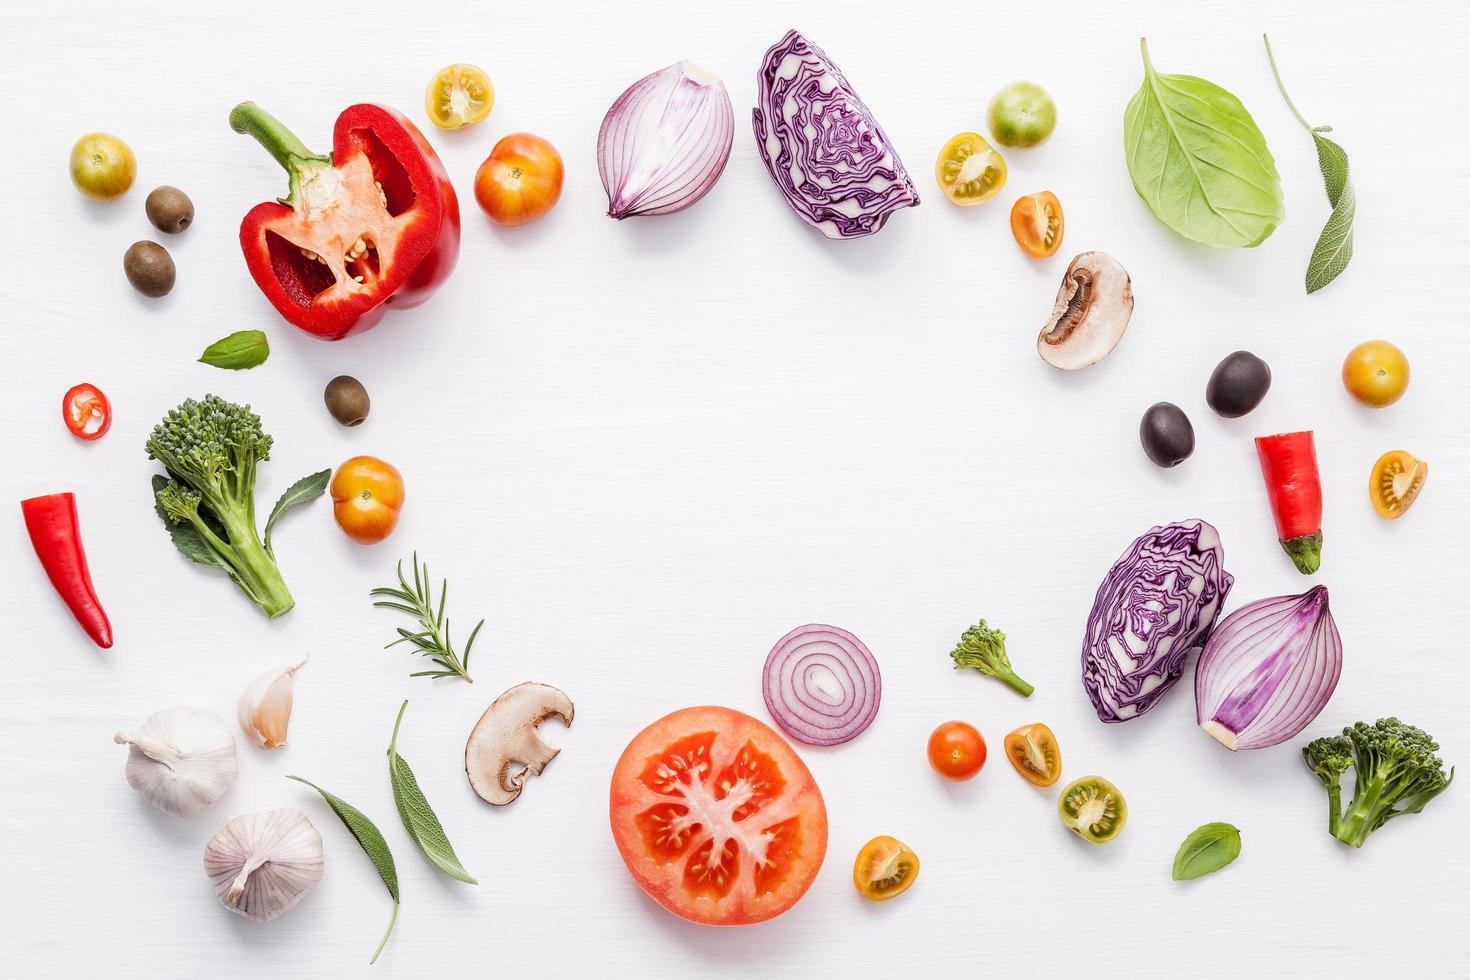 círculo de ingredientes italianos frescos foto